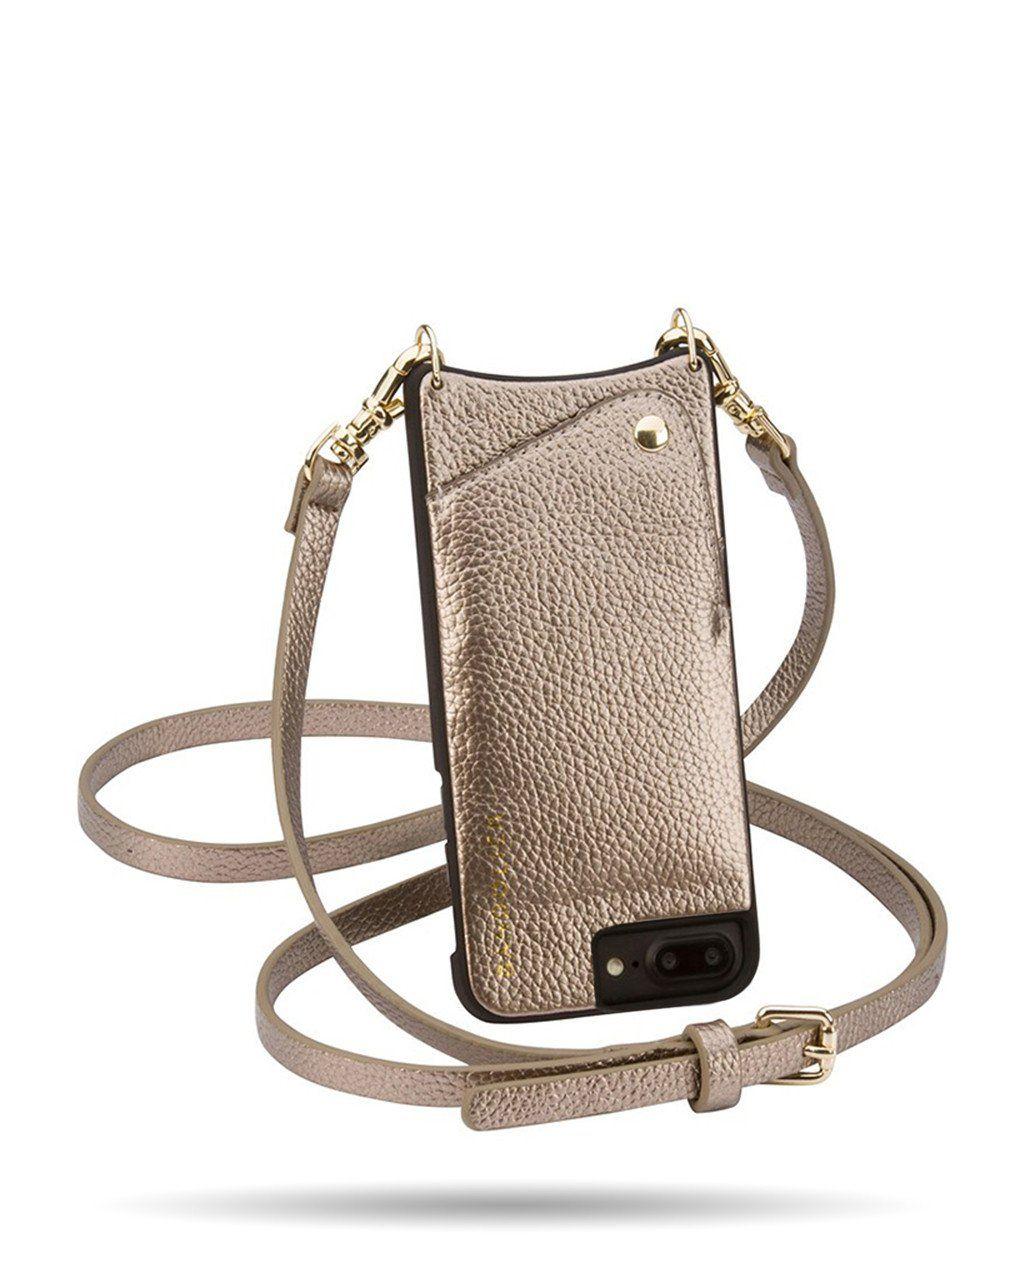 5615f4846528 Bandolier Emma Crossbody Case for iPhone 6 Plus 6s Plus 7 Plus